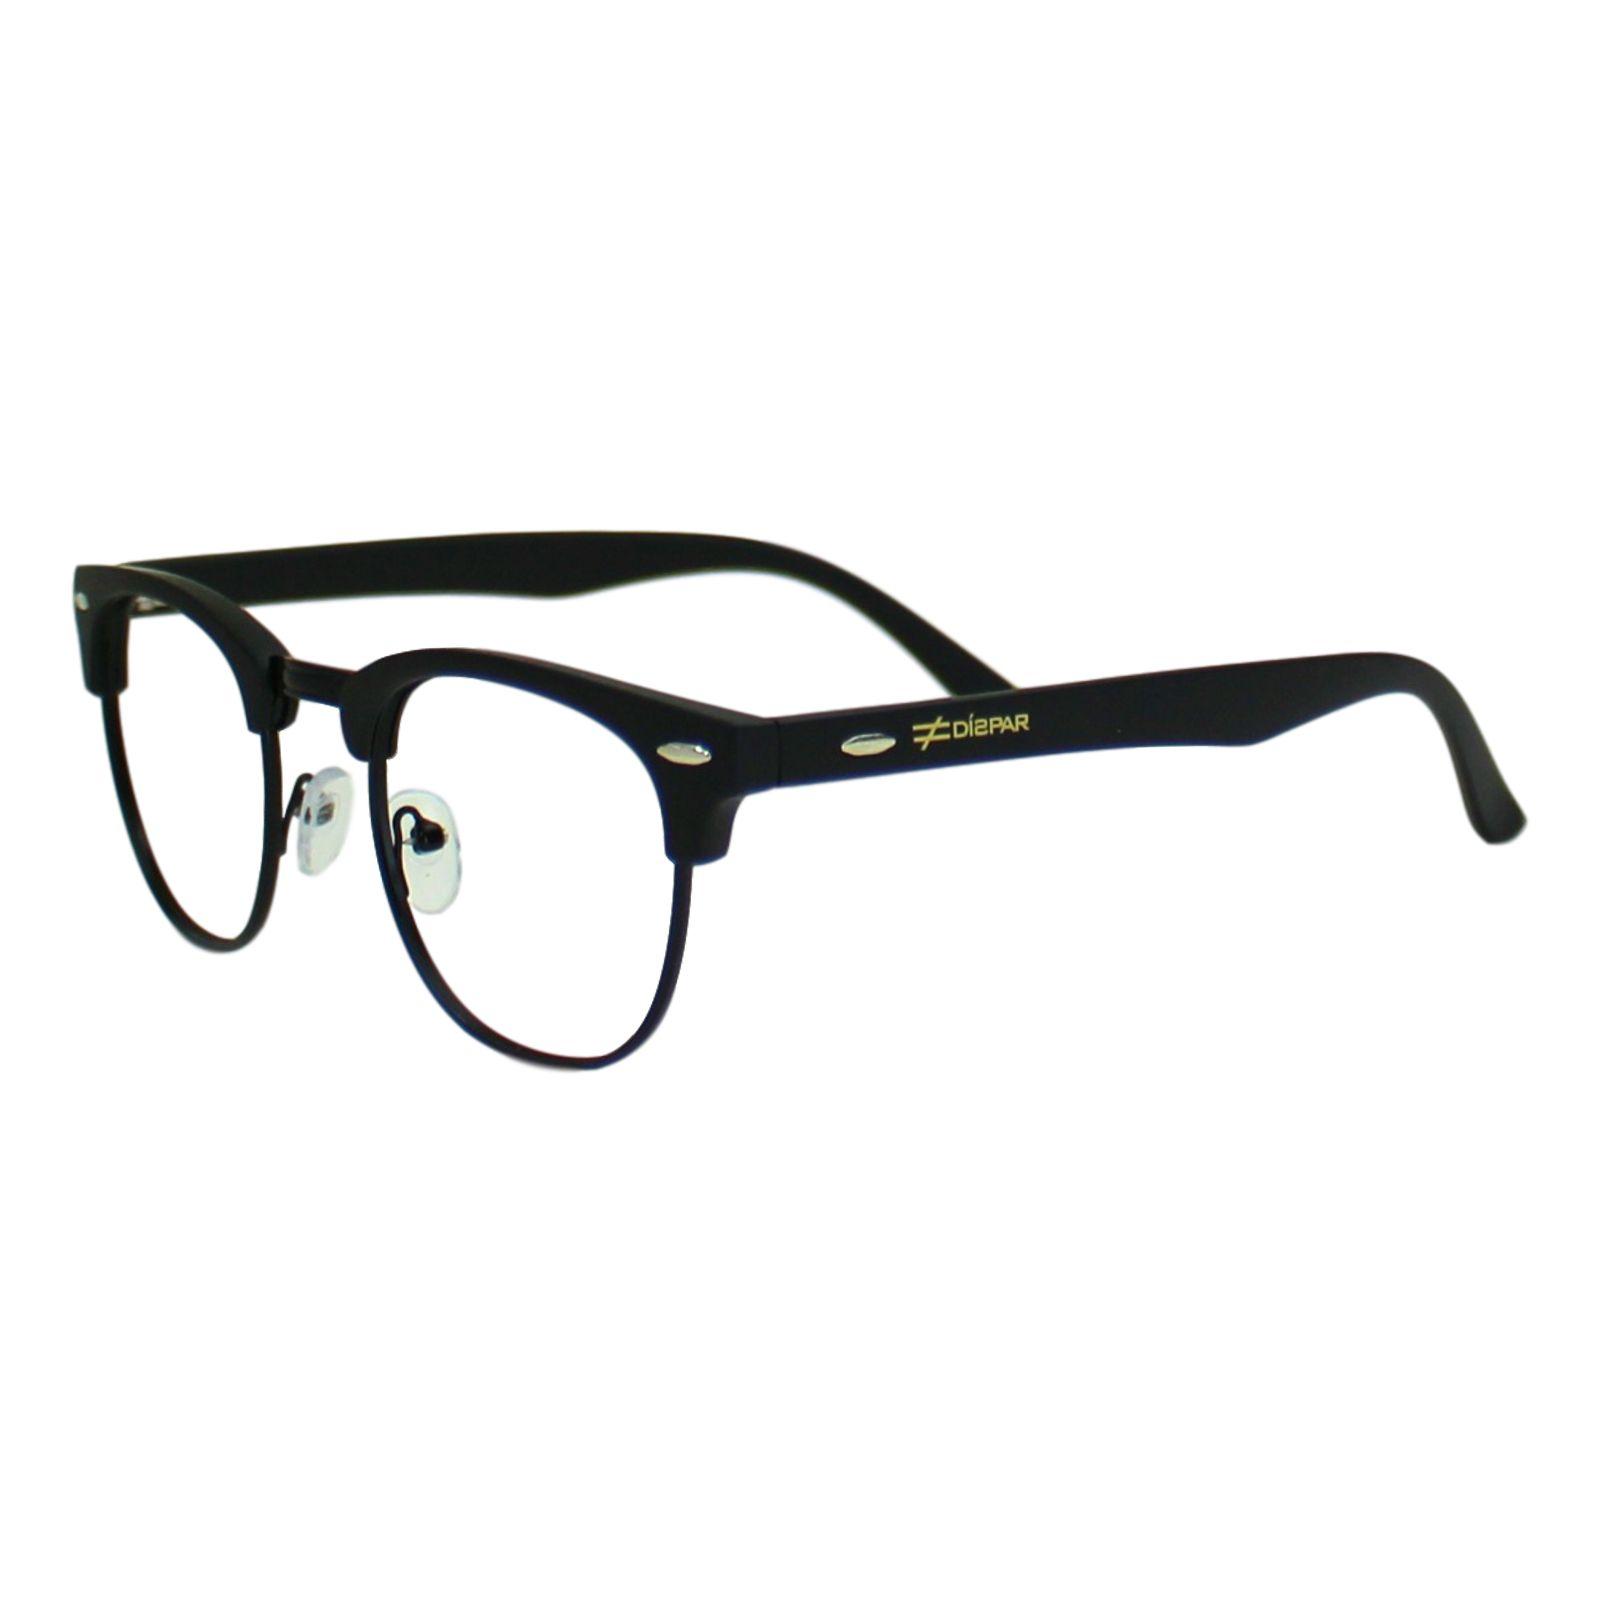 abeb1cea182ab Armação para Óculos Díspar D1885 Preto